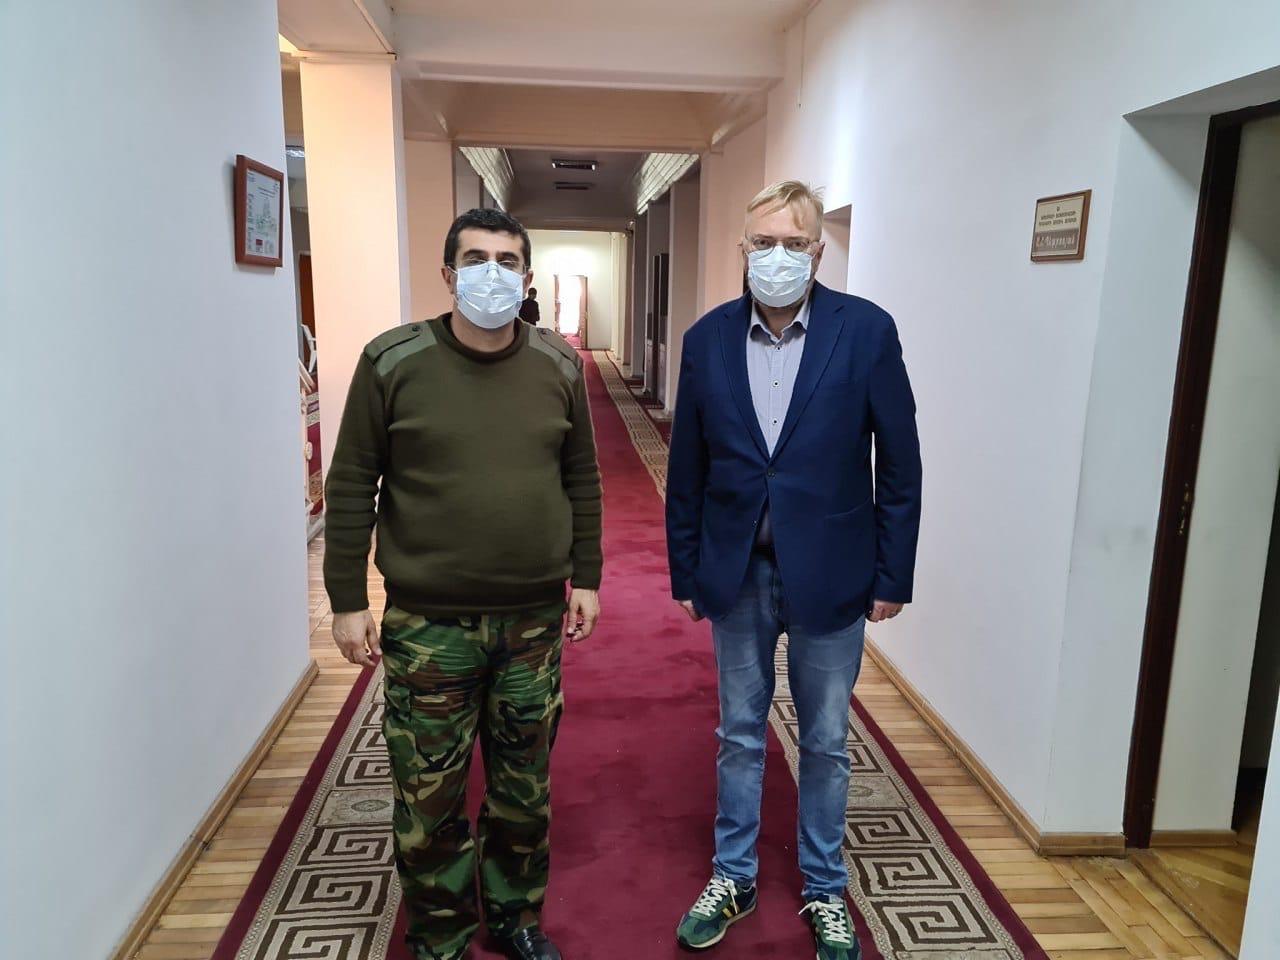 Азербайджан внес депутата Государственной Думы Виталия Милонова в «черный список». Сразу после несогласованной с Баку